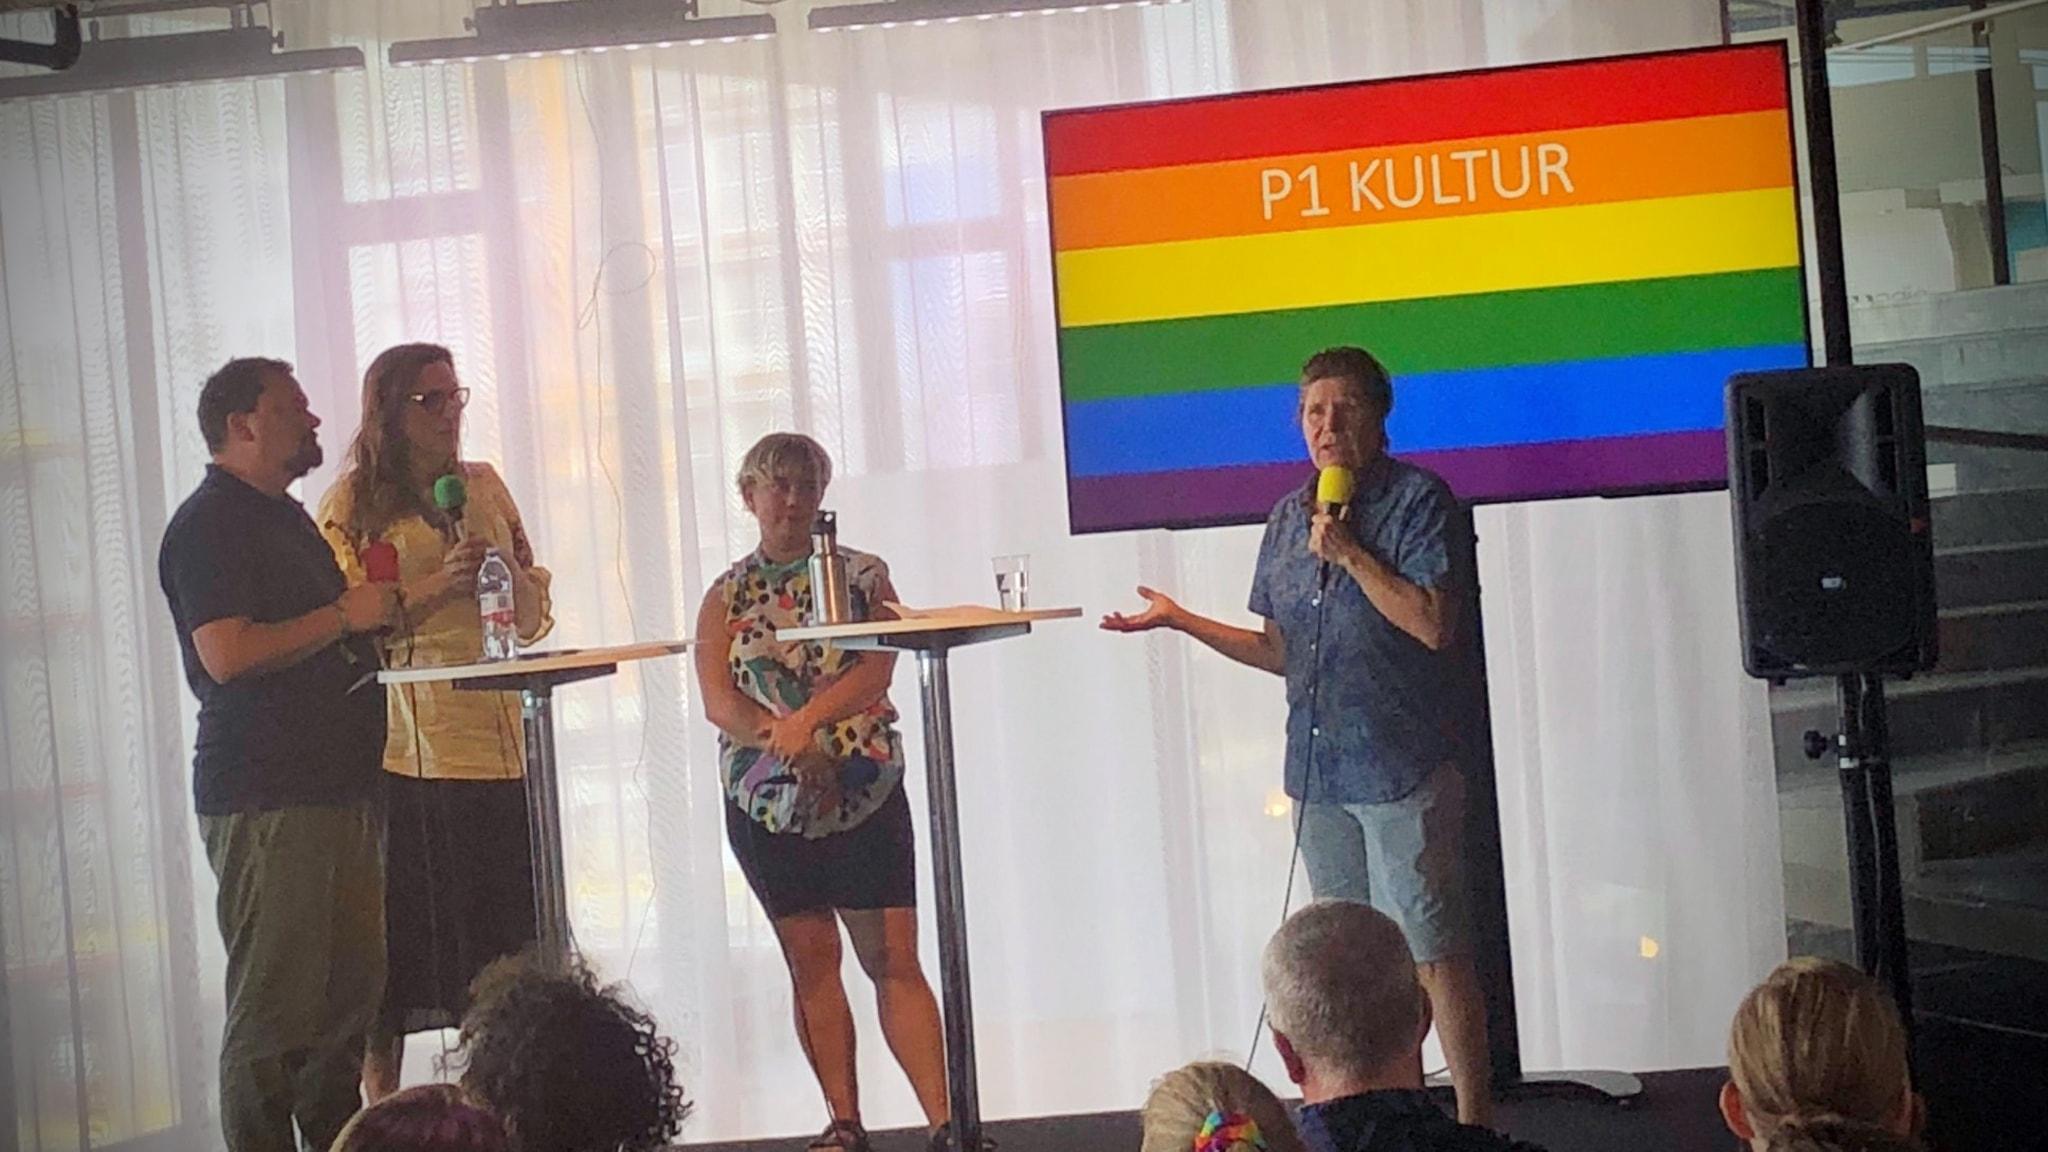 Hur skrivs svensk queerhistoria?